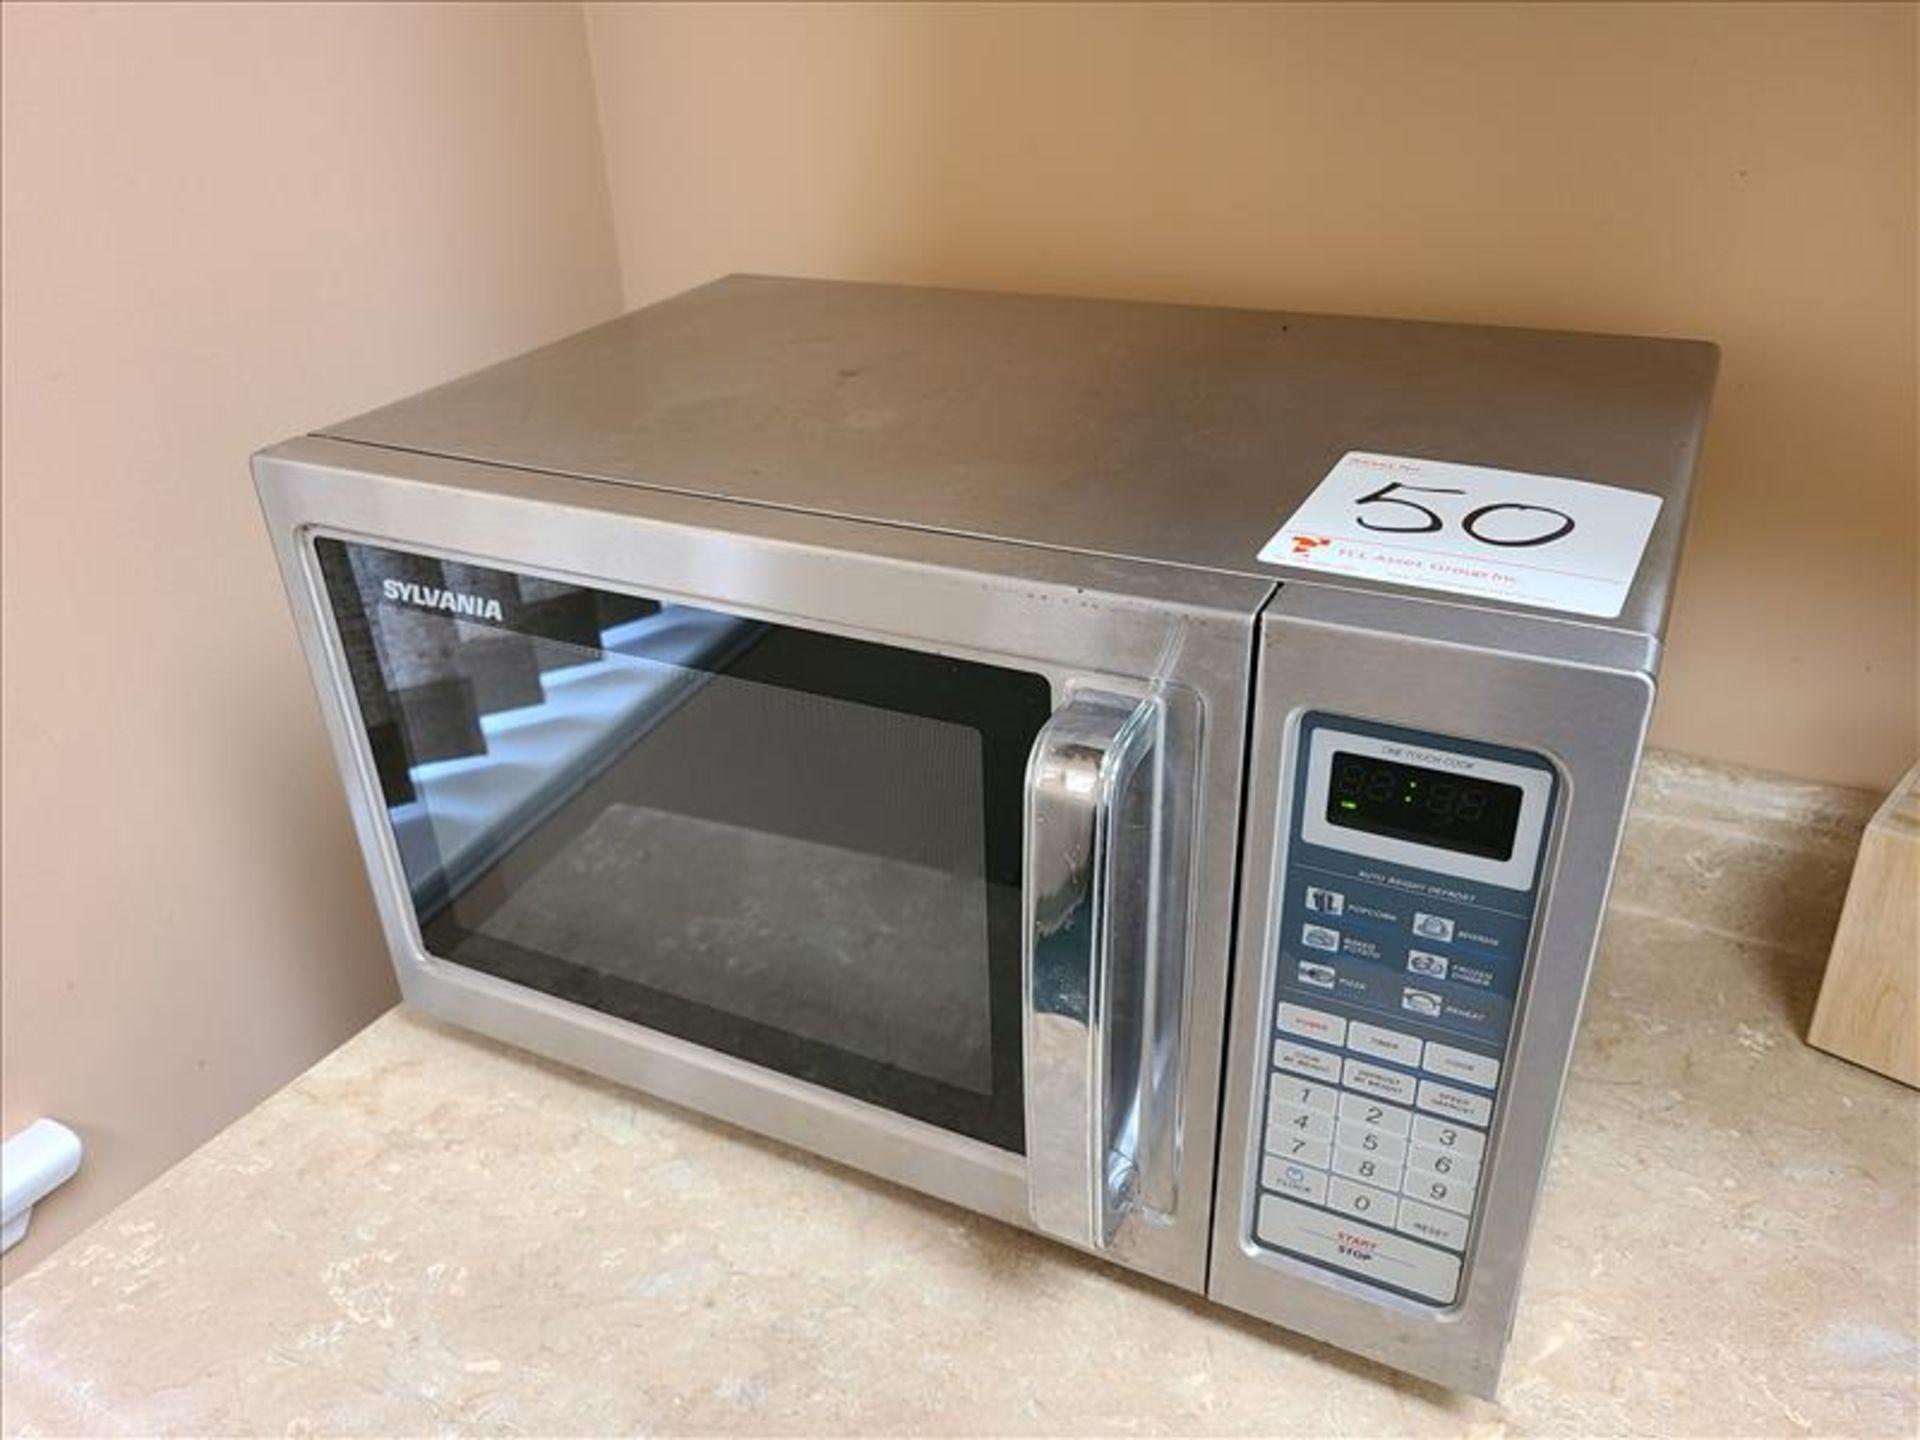 Sylvania Microwave